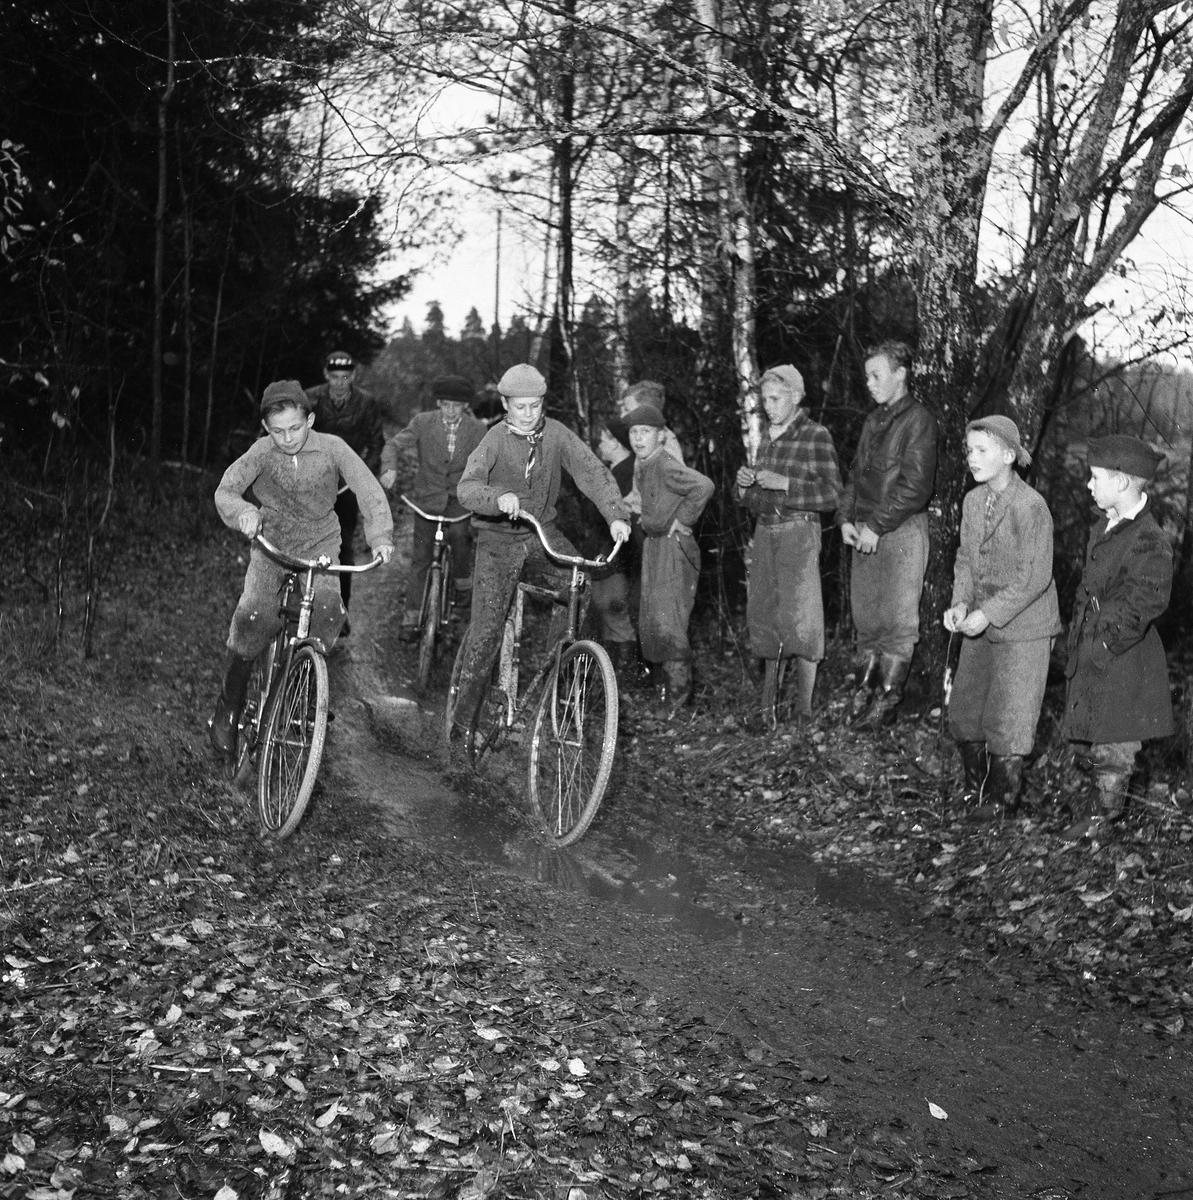 Cykelcross är den nya sportflugan för ungdomar. Här tävlar pojkarna på en 450 meter lång bana i Fellingsbro. Det är Kronorna från Arboga mot Rövarna från Fellingsbro.